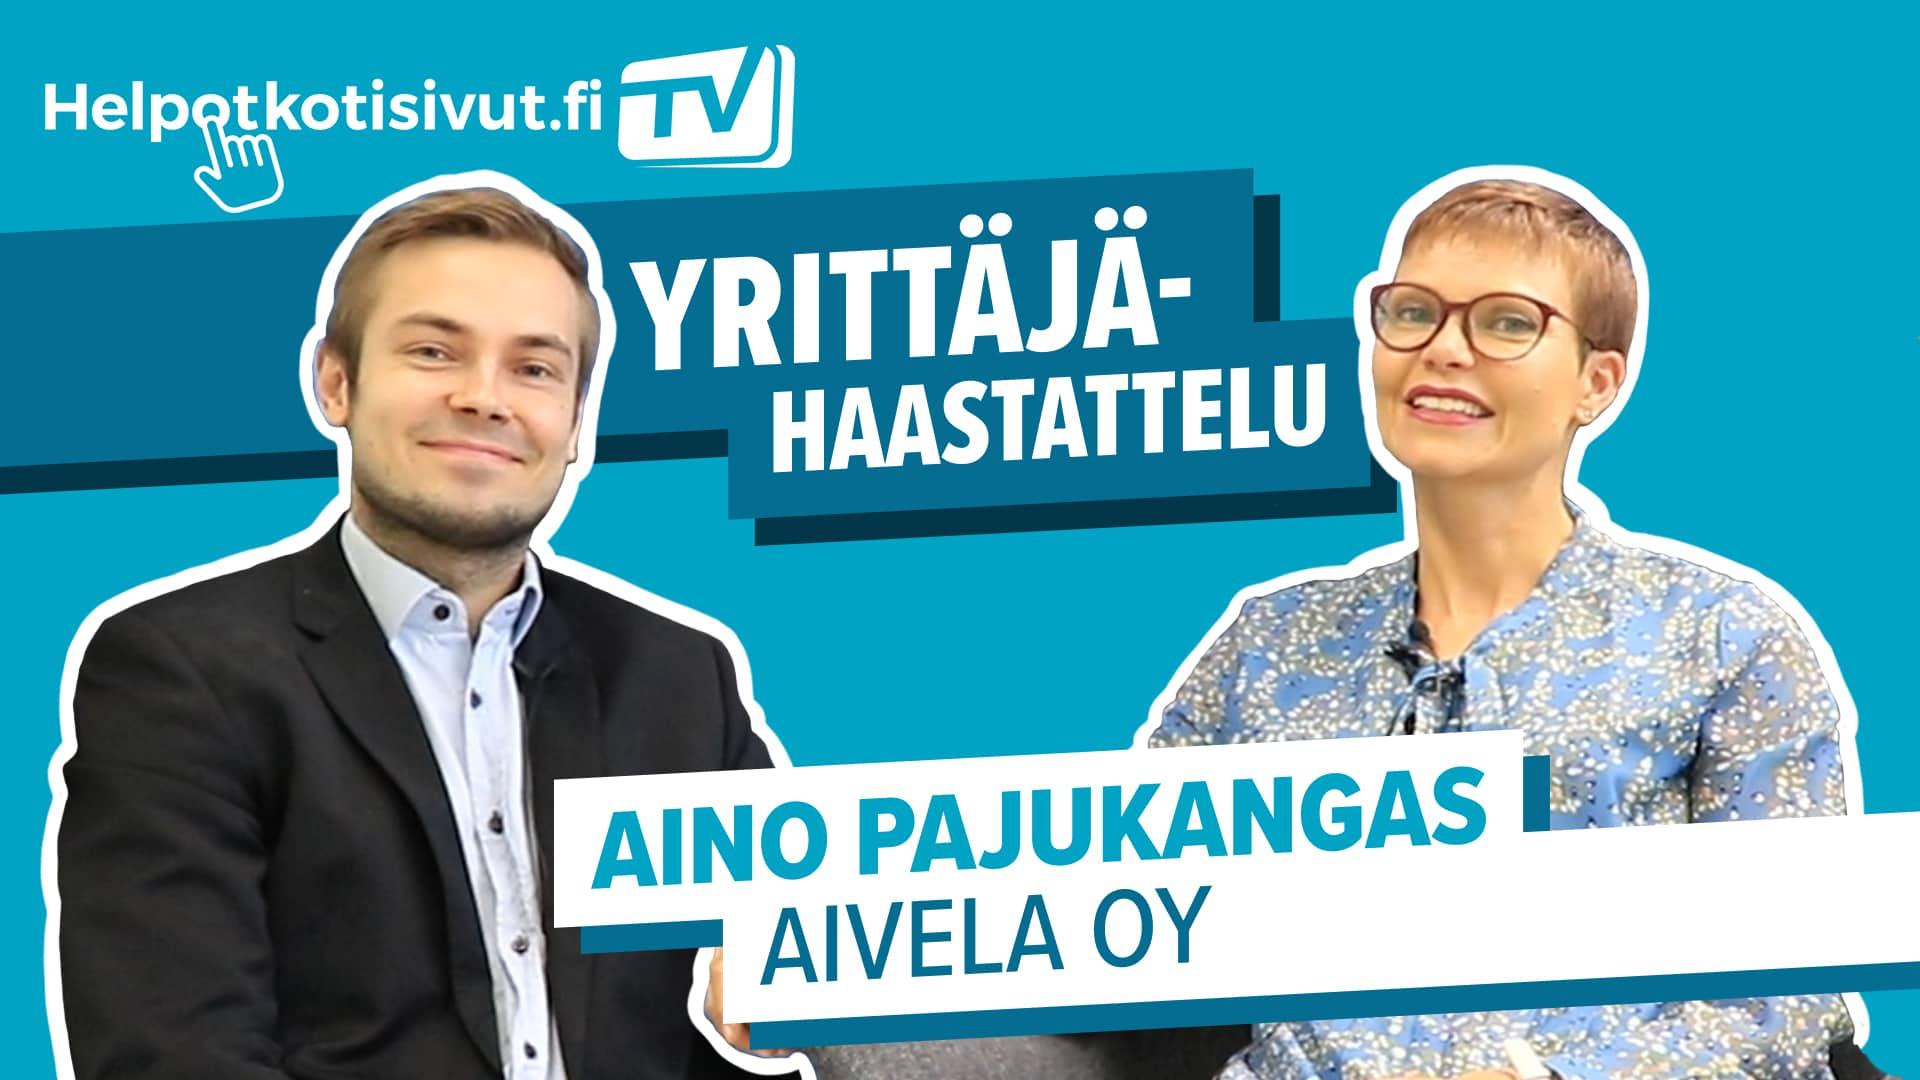 VIestintätoimisto Aivelan Aino Pajukangas videohaastattelussa